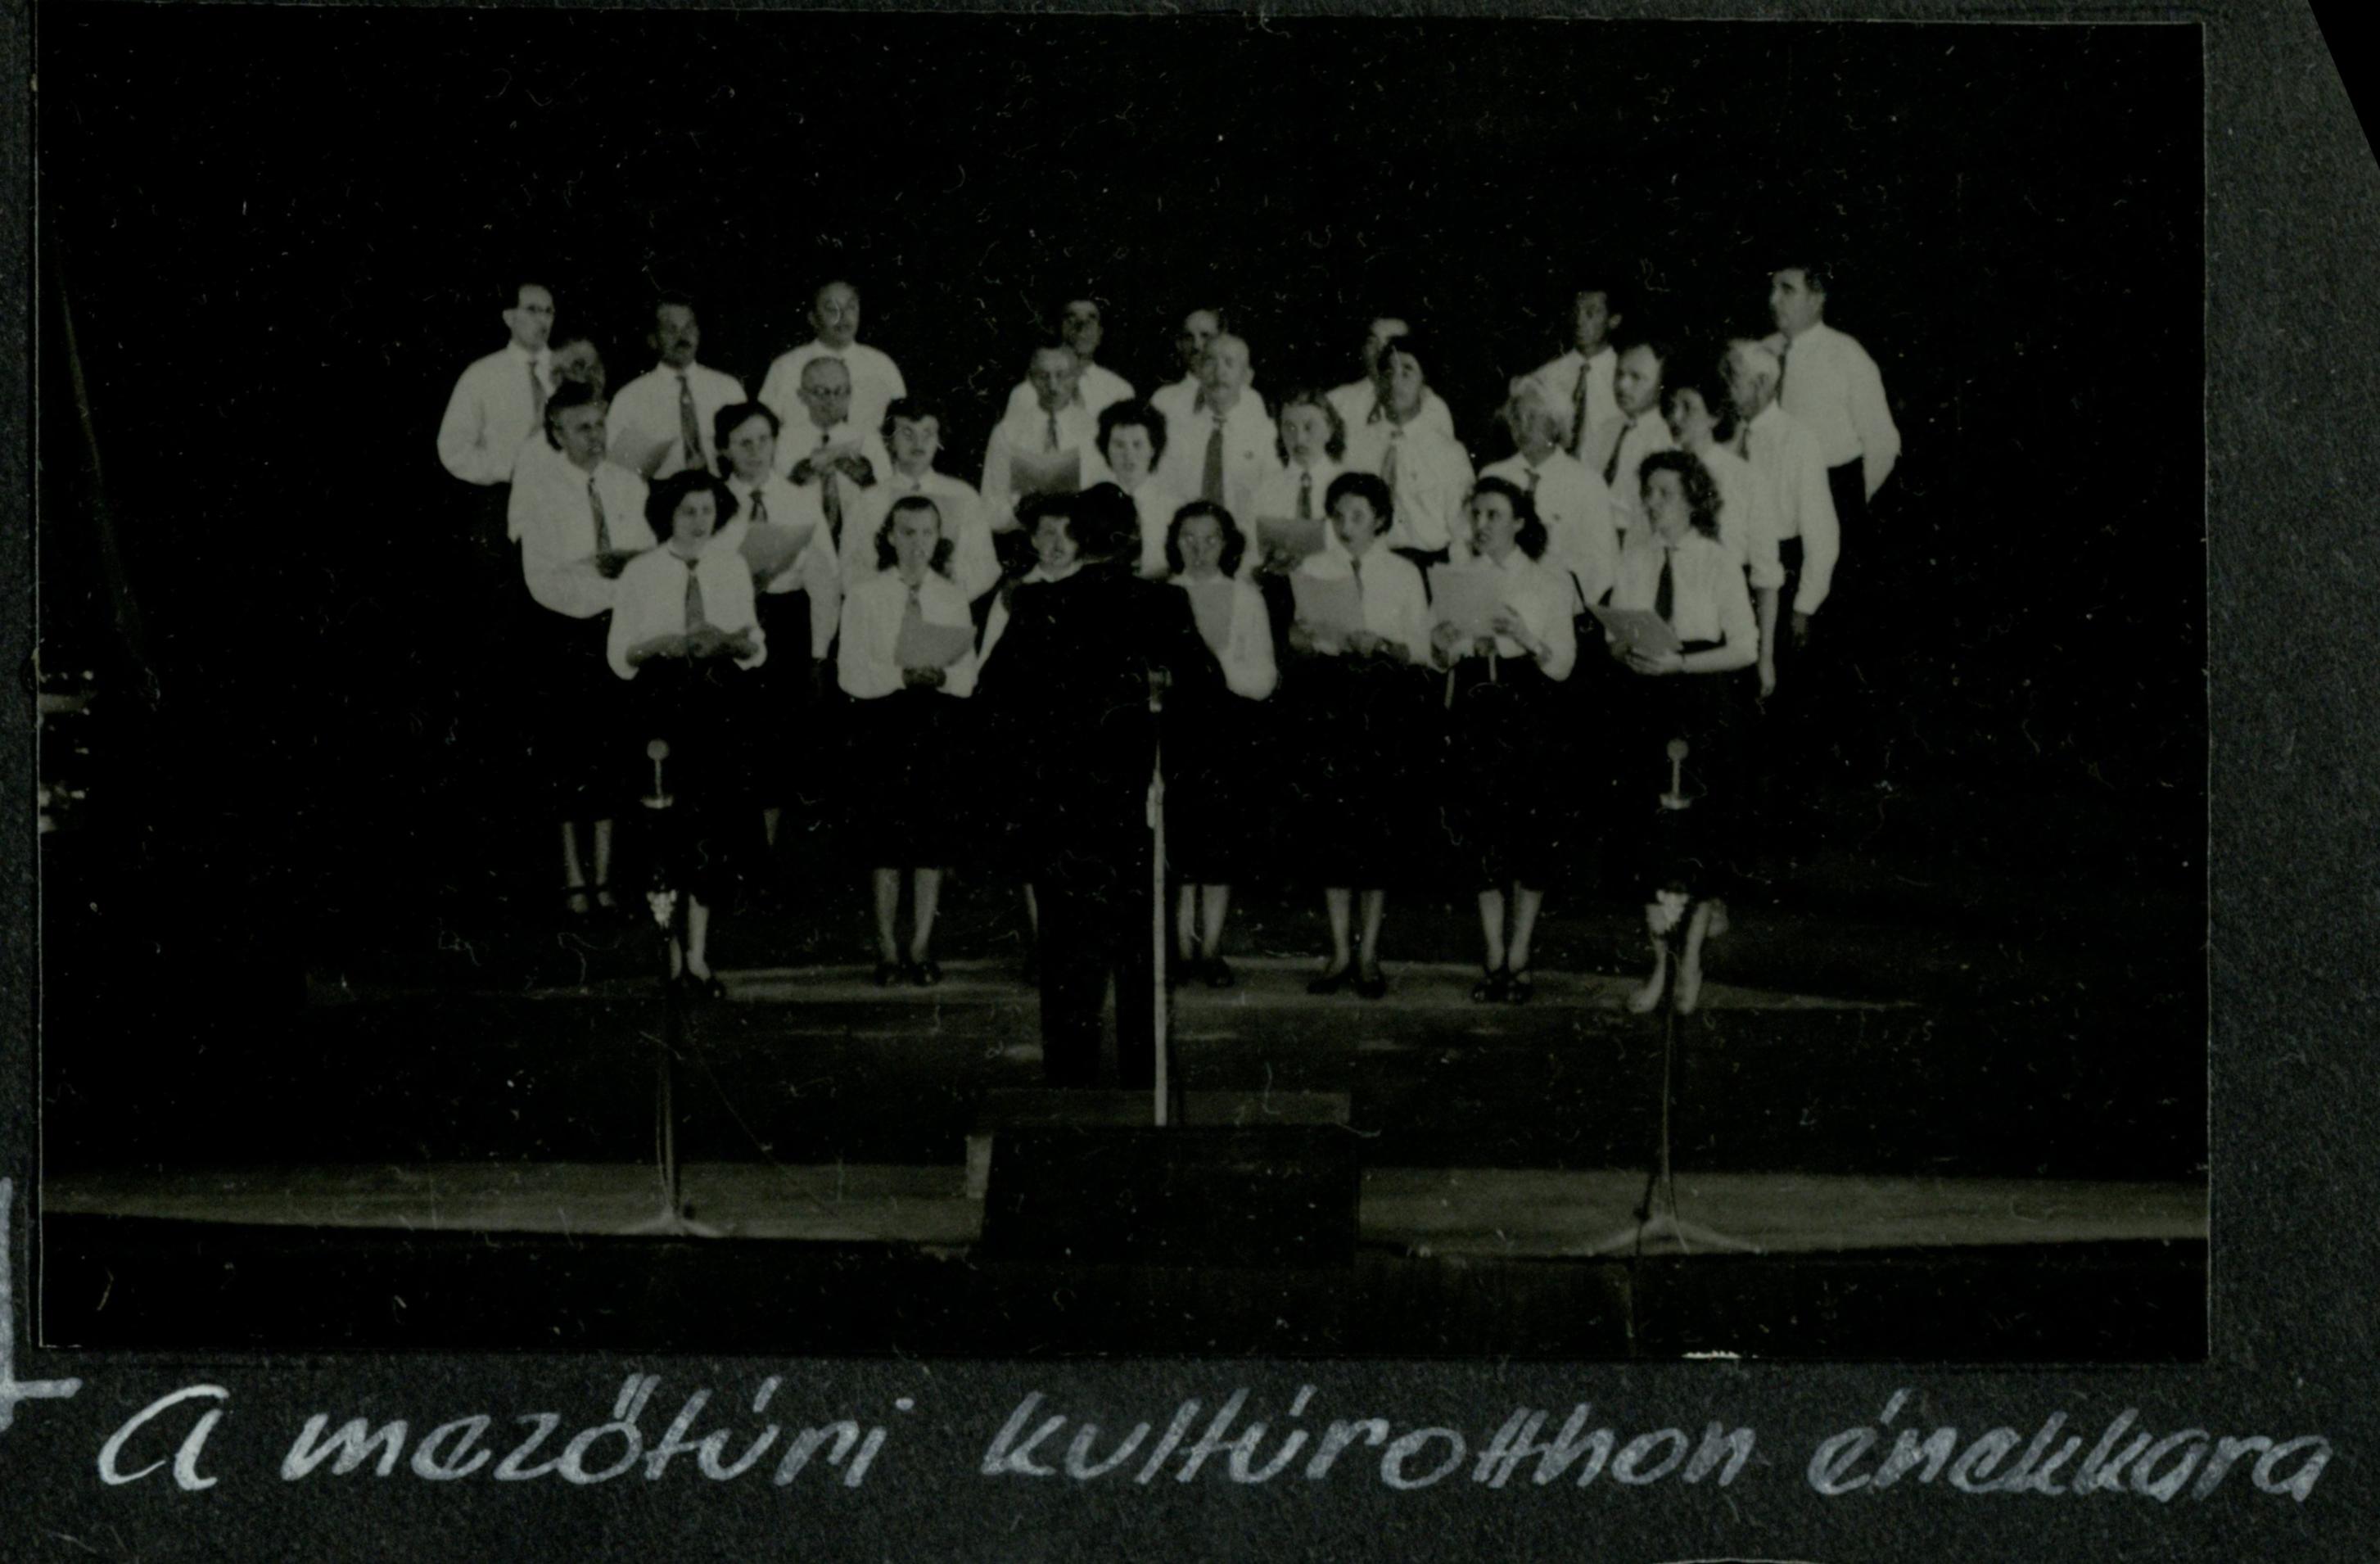 Mezőtúri kultúrotthon énekkara 1958